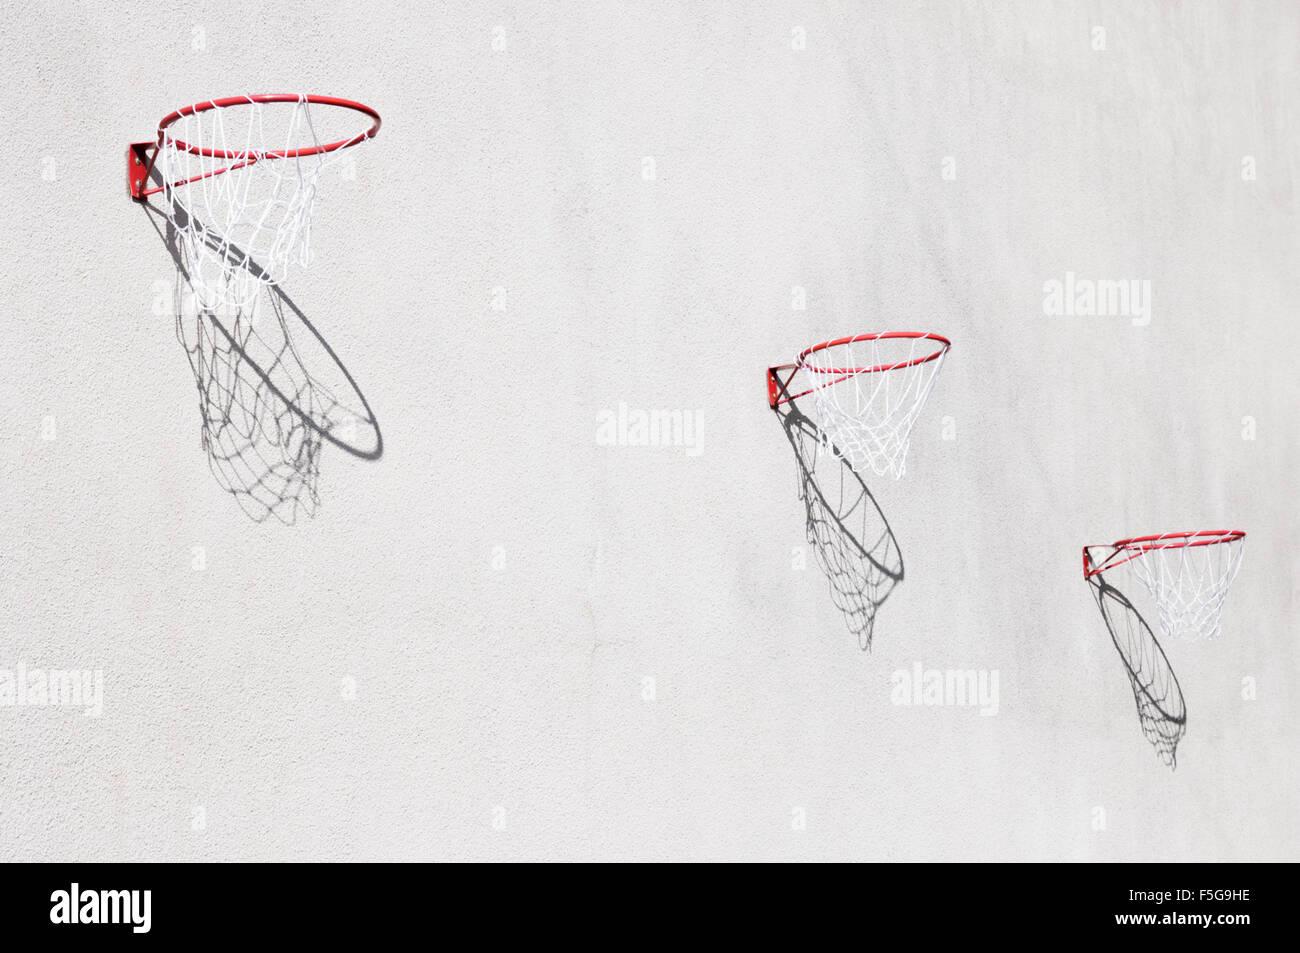 Tres aros de baloncesto con sombras en una pared. Imagen De Stock